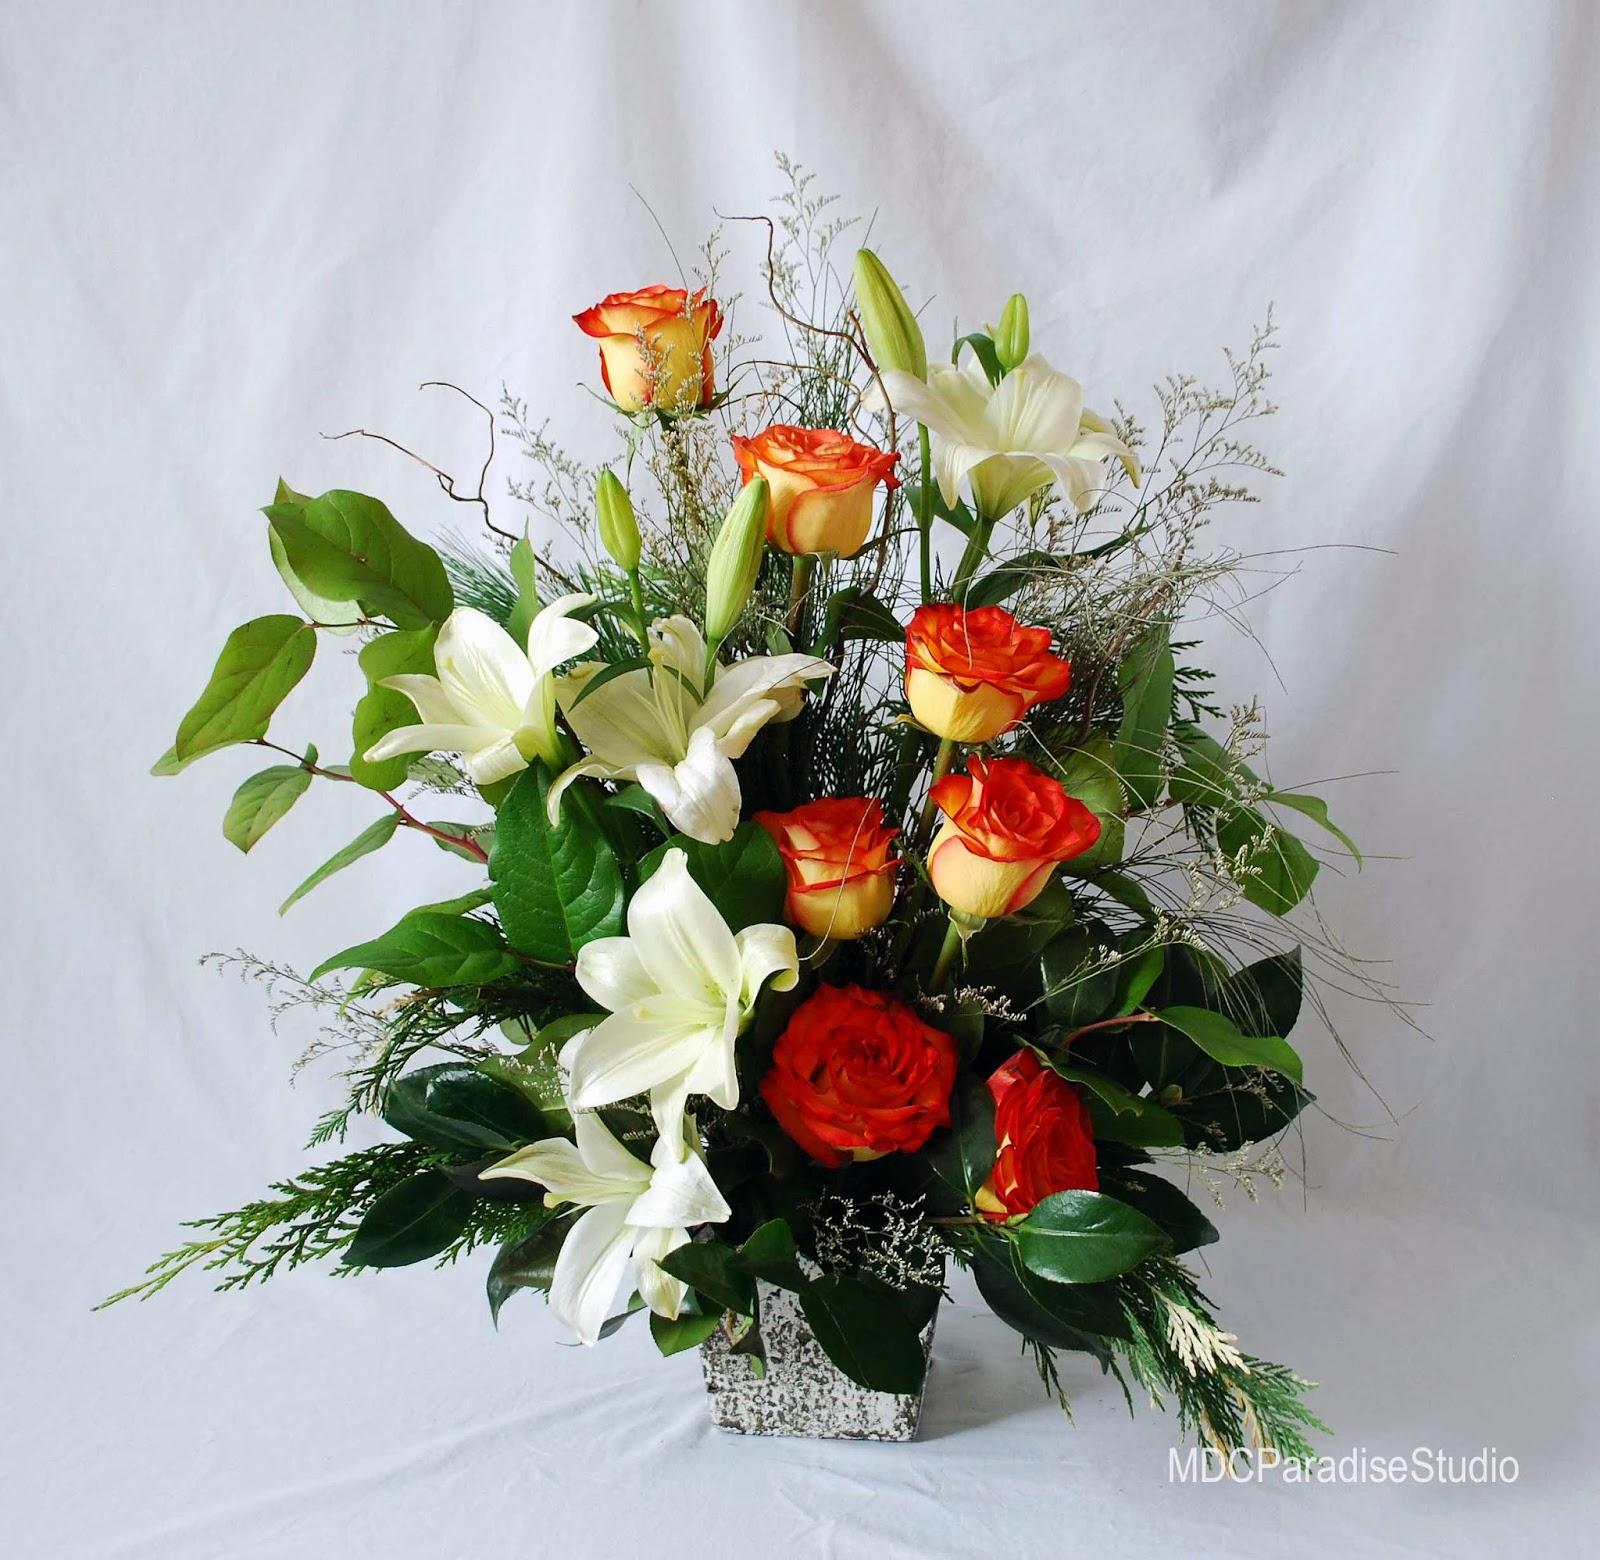 PARADISE FLORAL STUDIO: Christmas Flower Arrangements